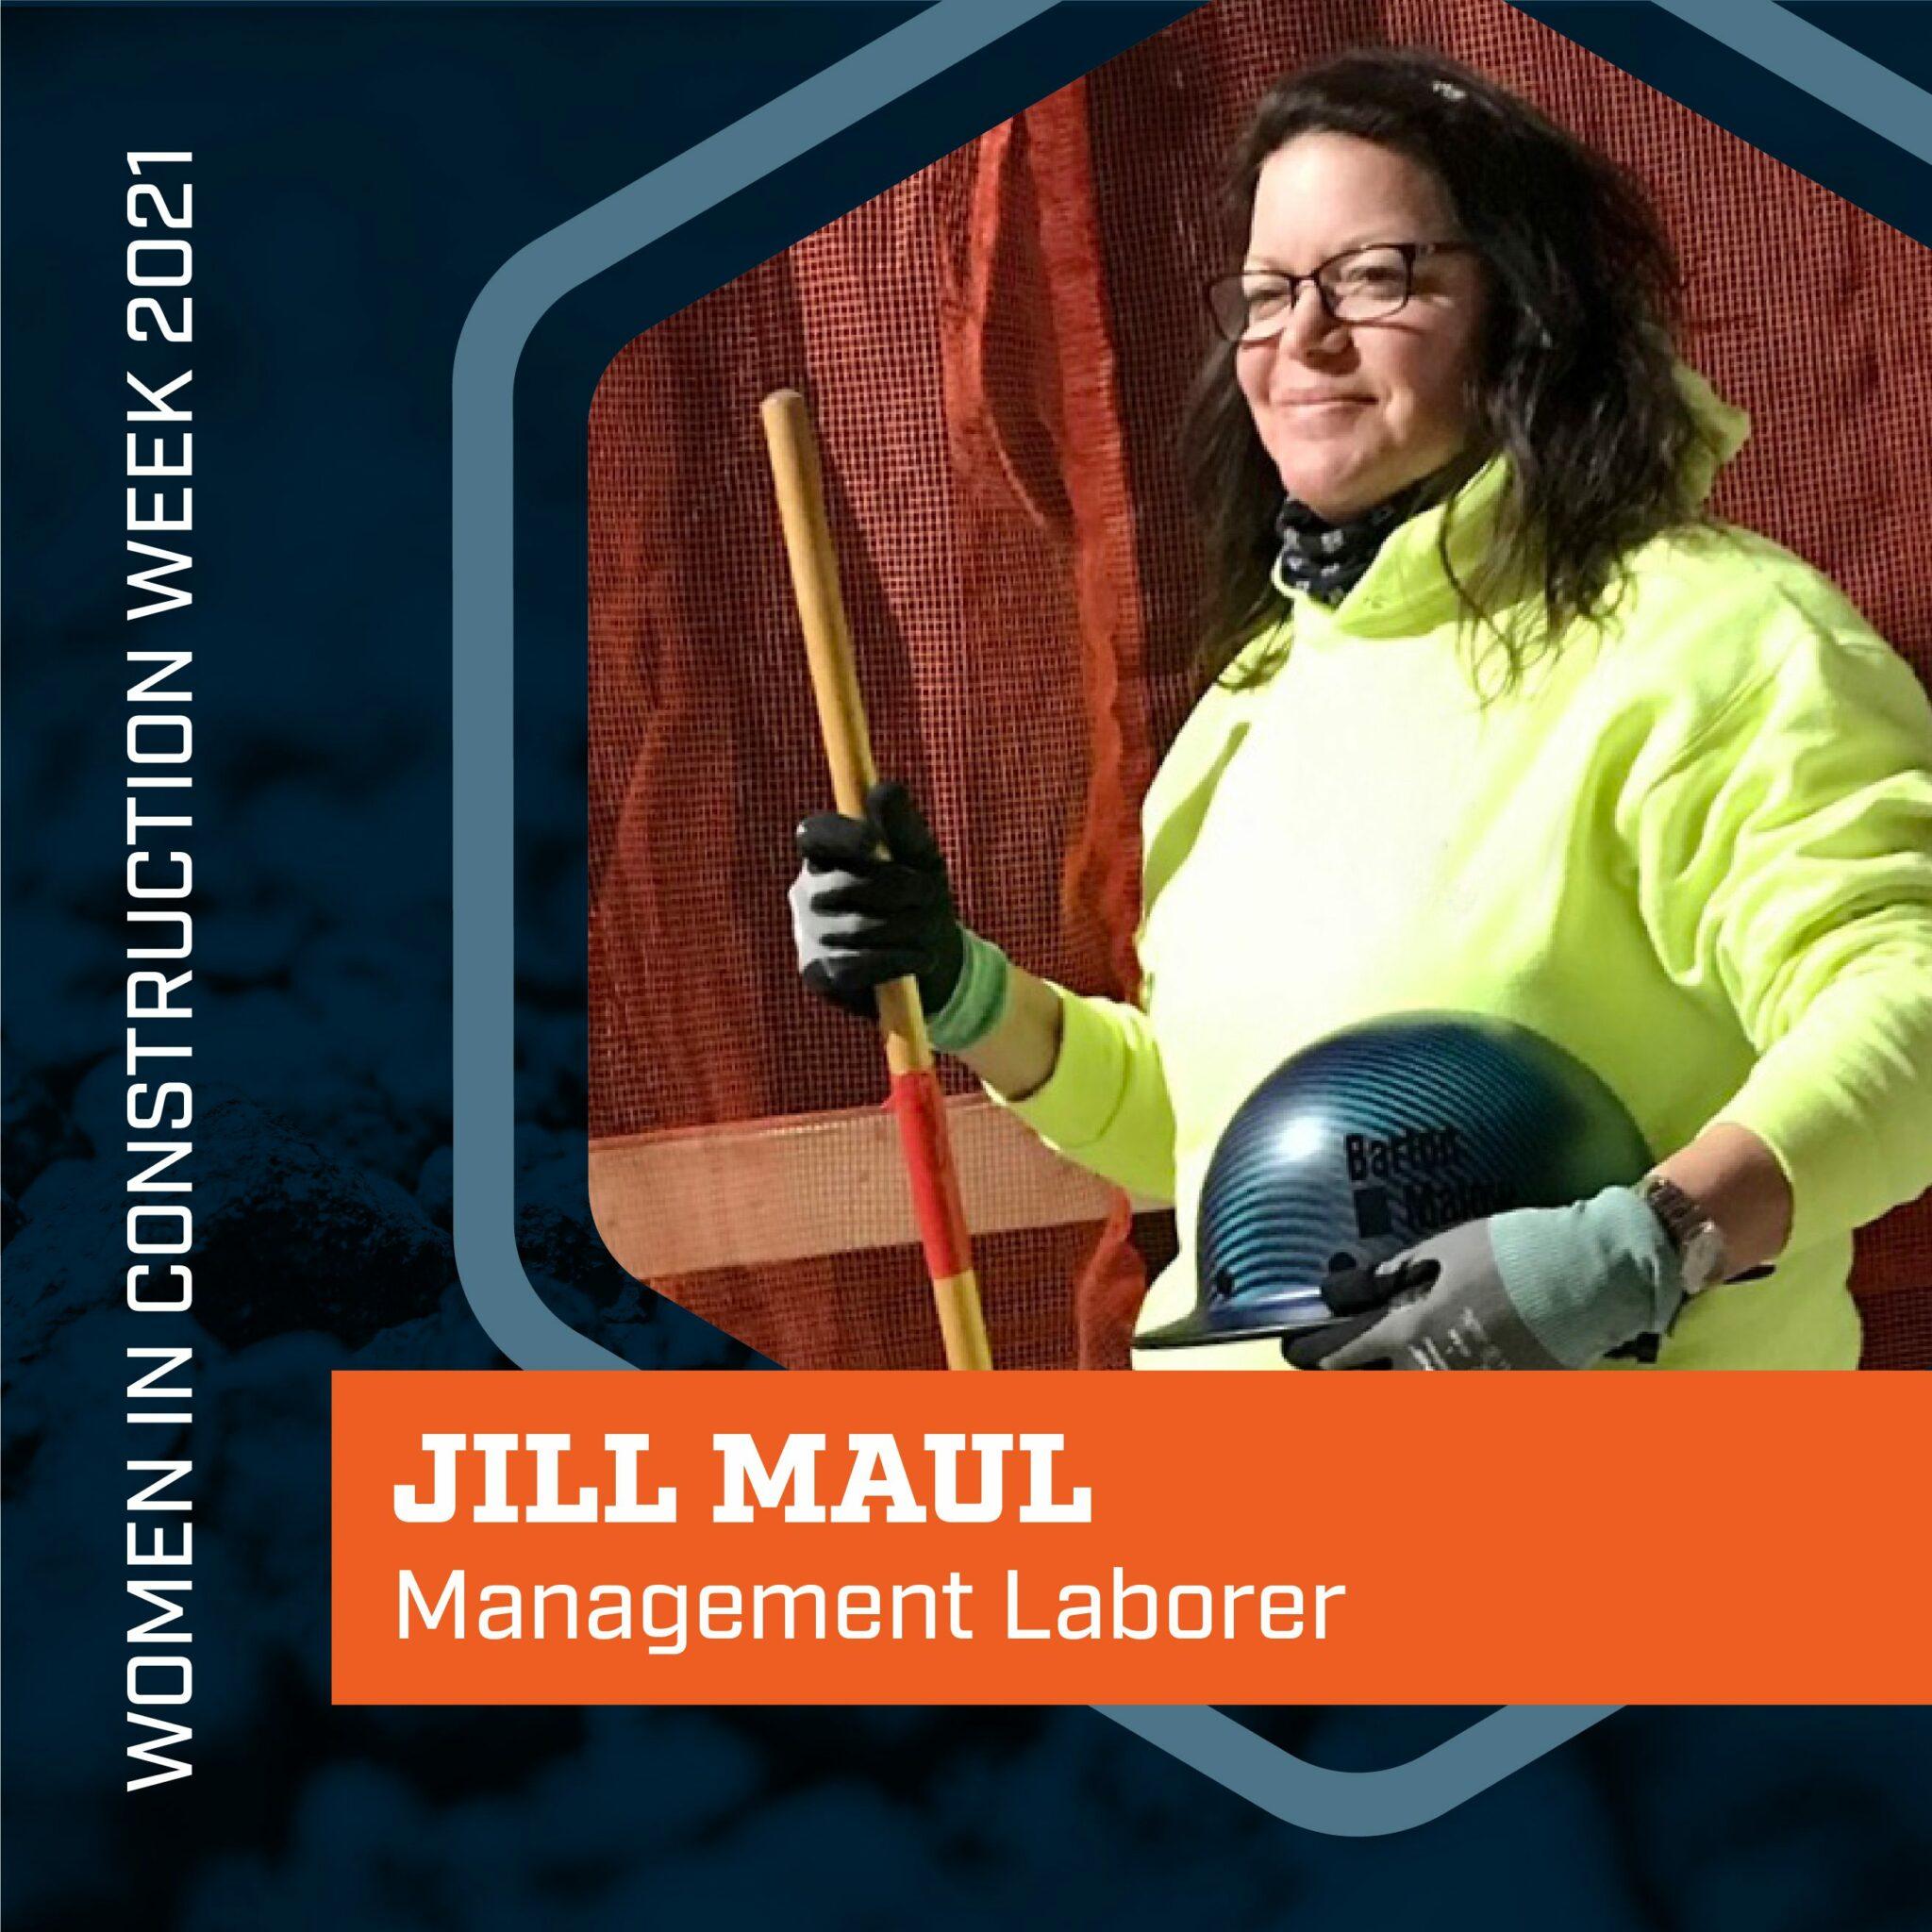 Jill Maul WIC Week